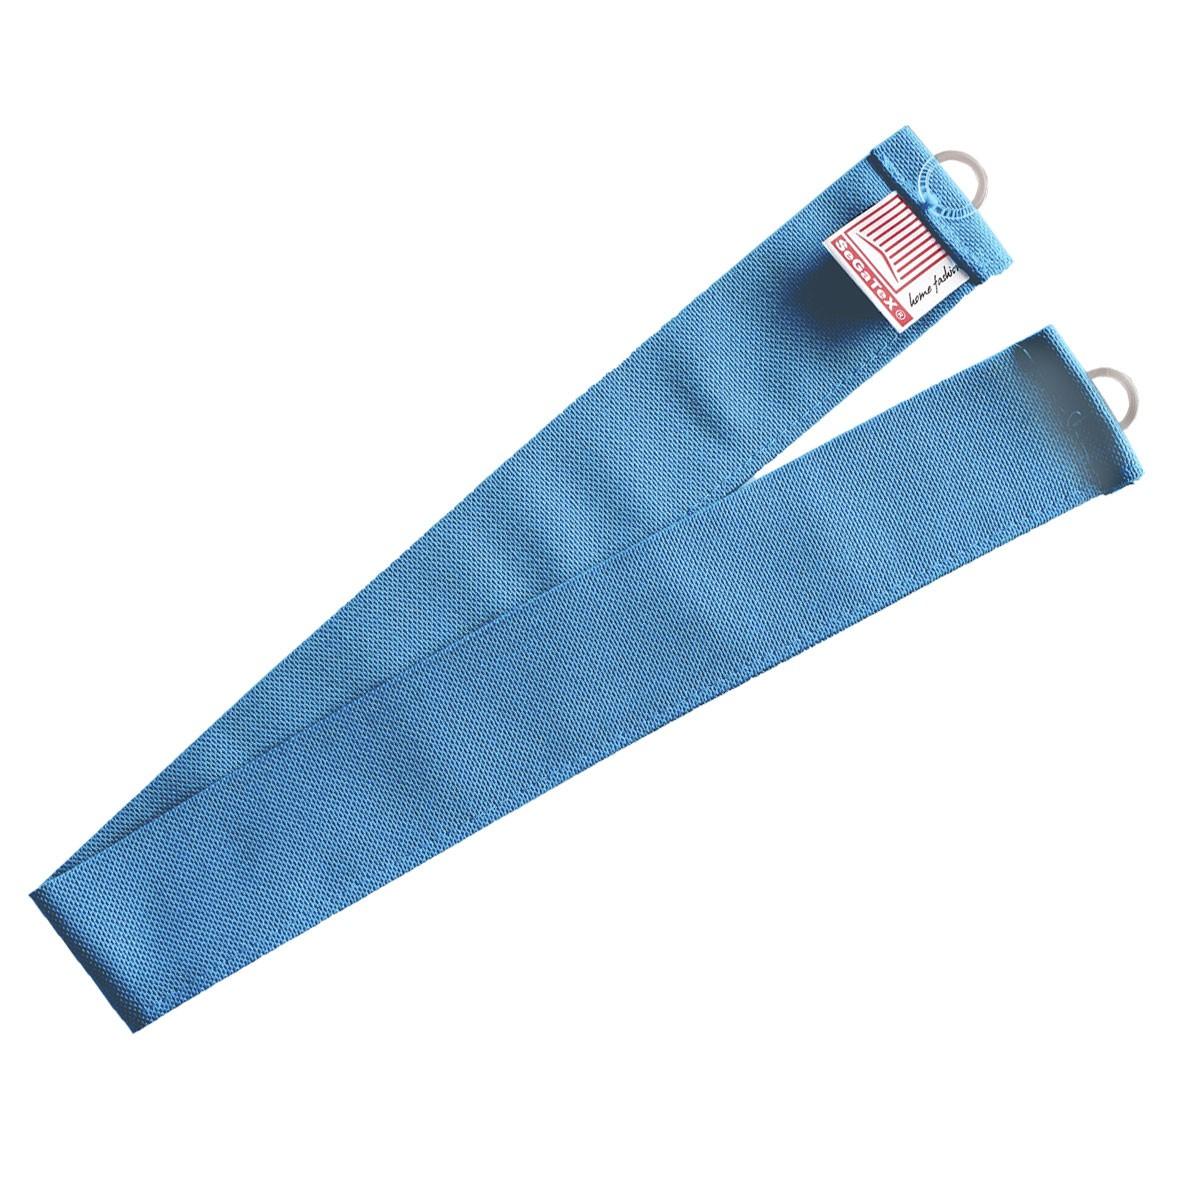 1 Stück Raffhalter hellblau uni passend zu Dekoschal-Serie Blubb-Kids